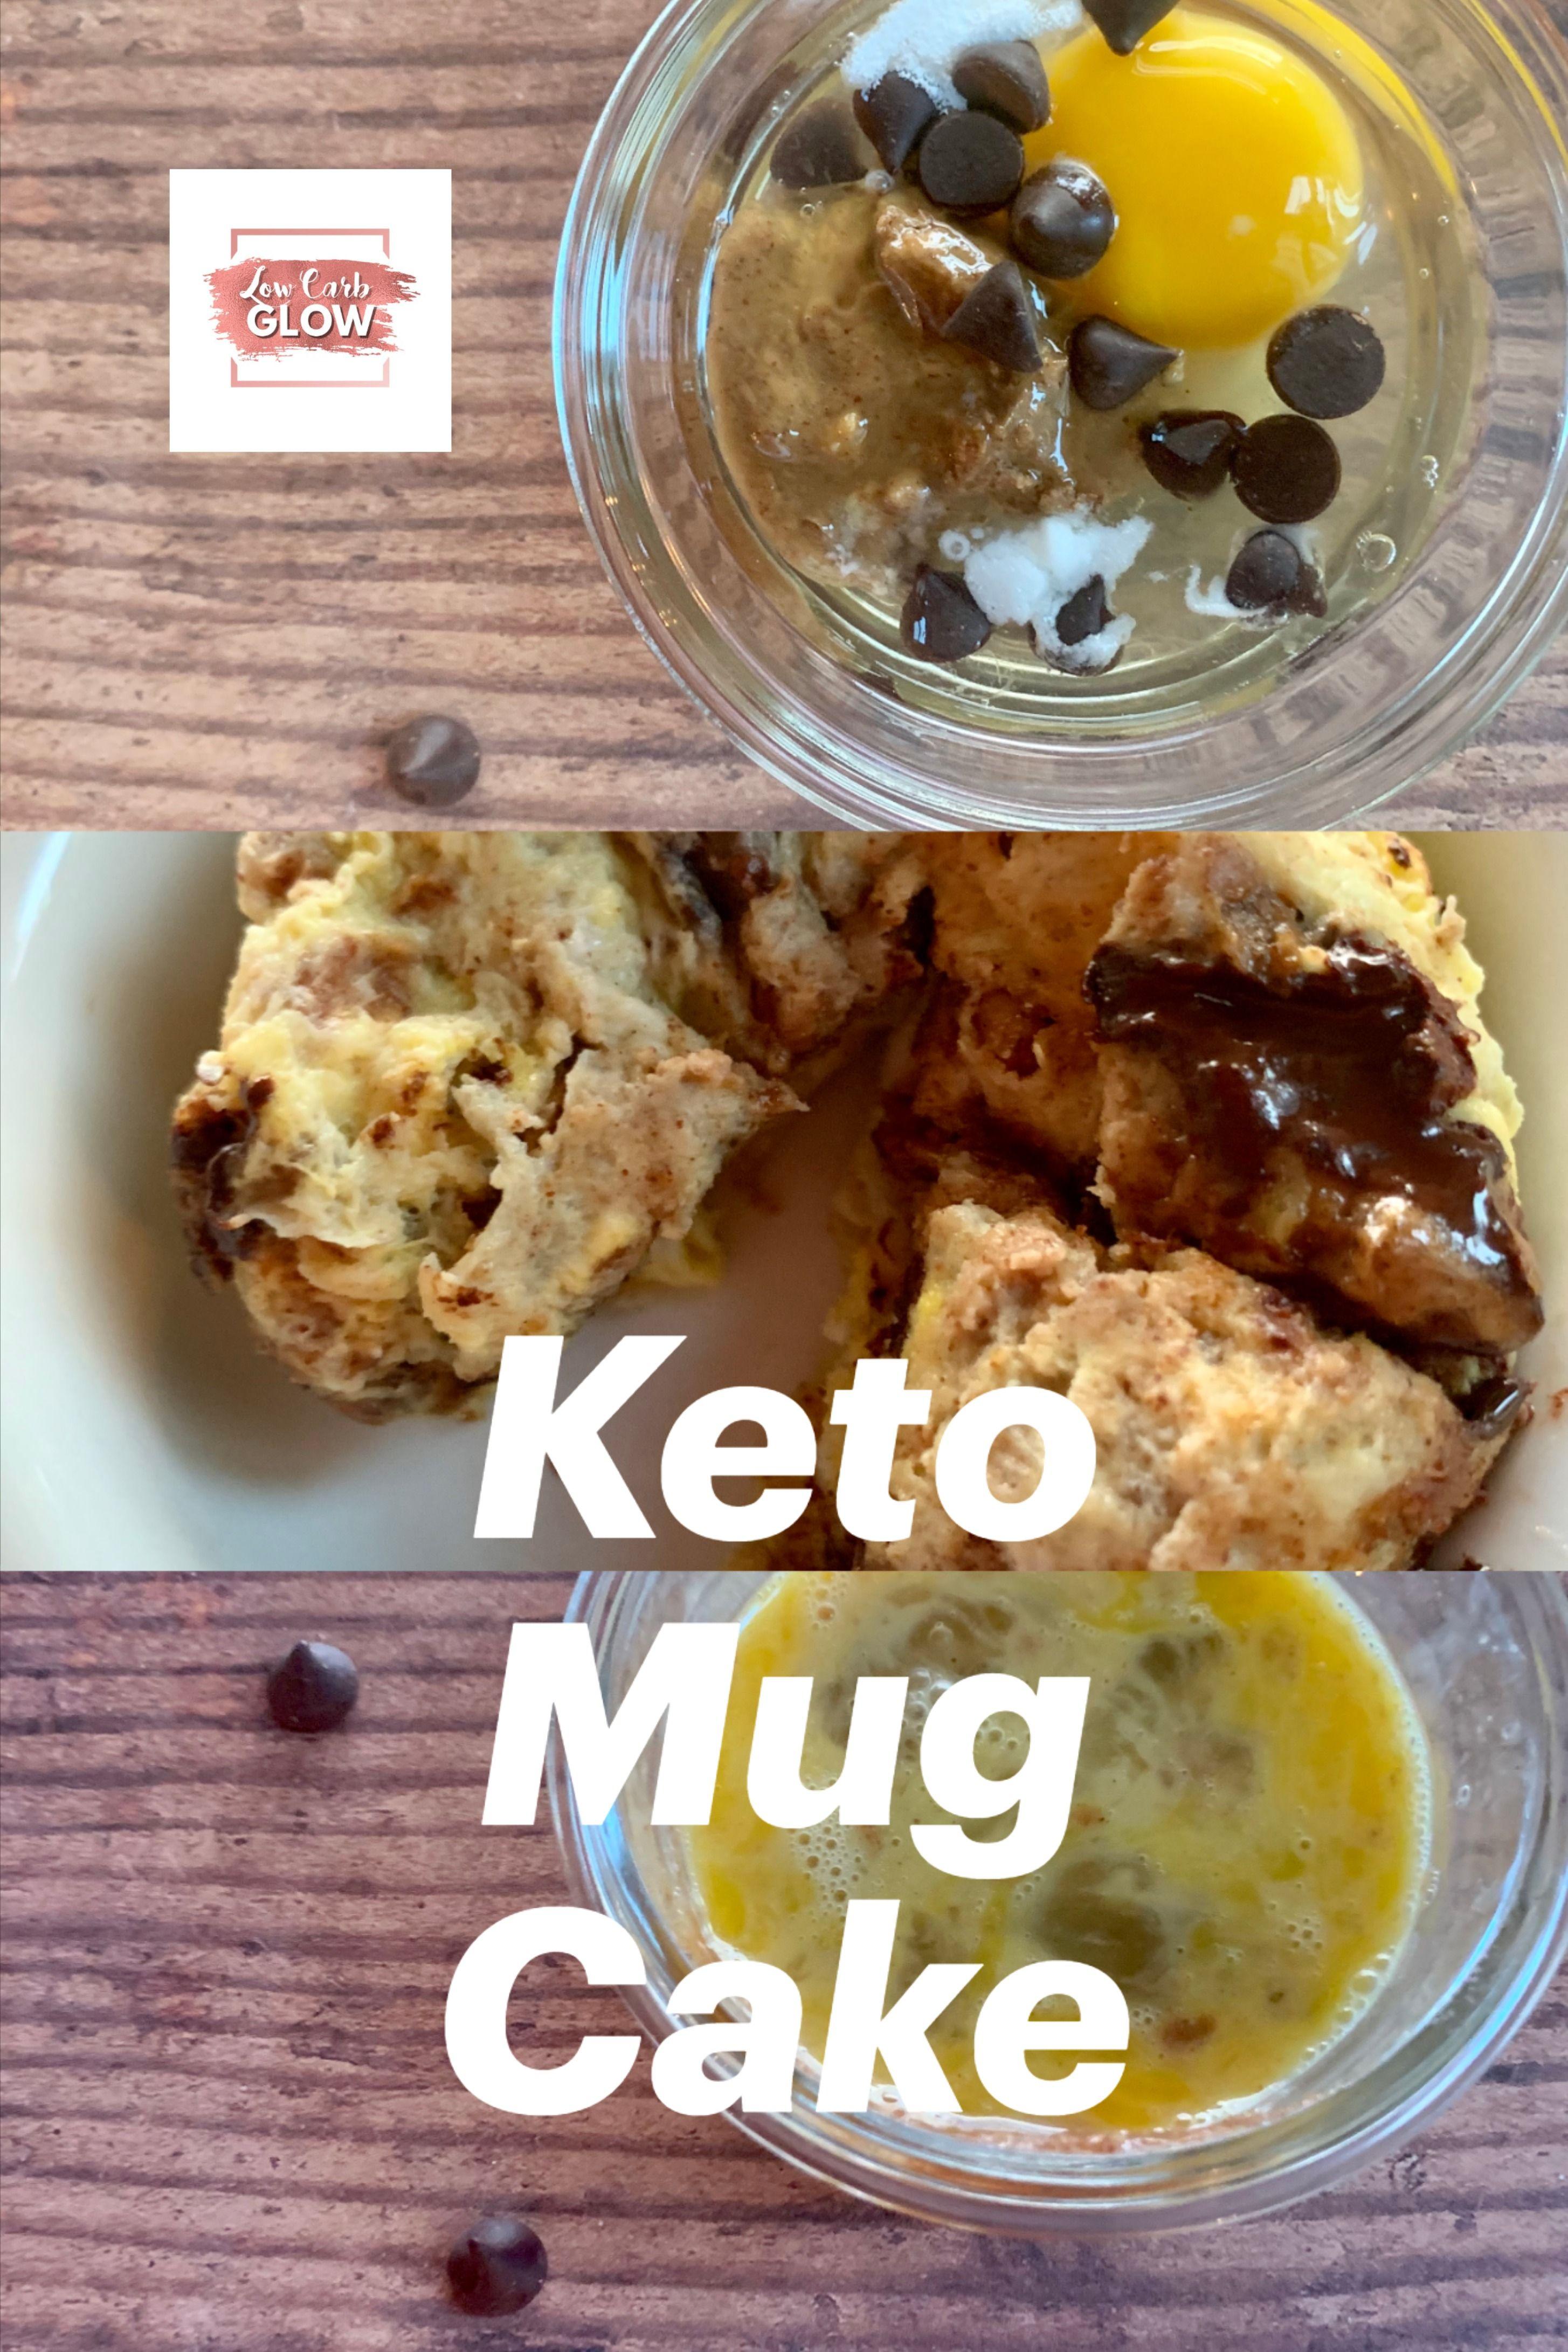 KETO CHOCOLATE CHIP MUG CAKE - Low Carb Glow   Recipe ...